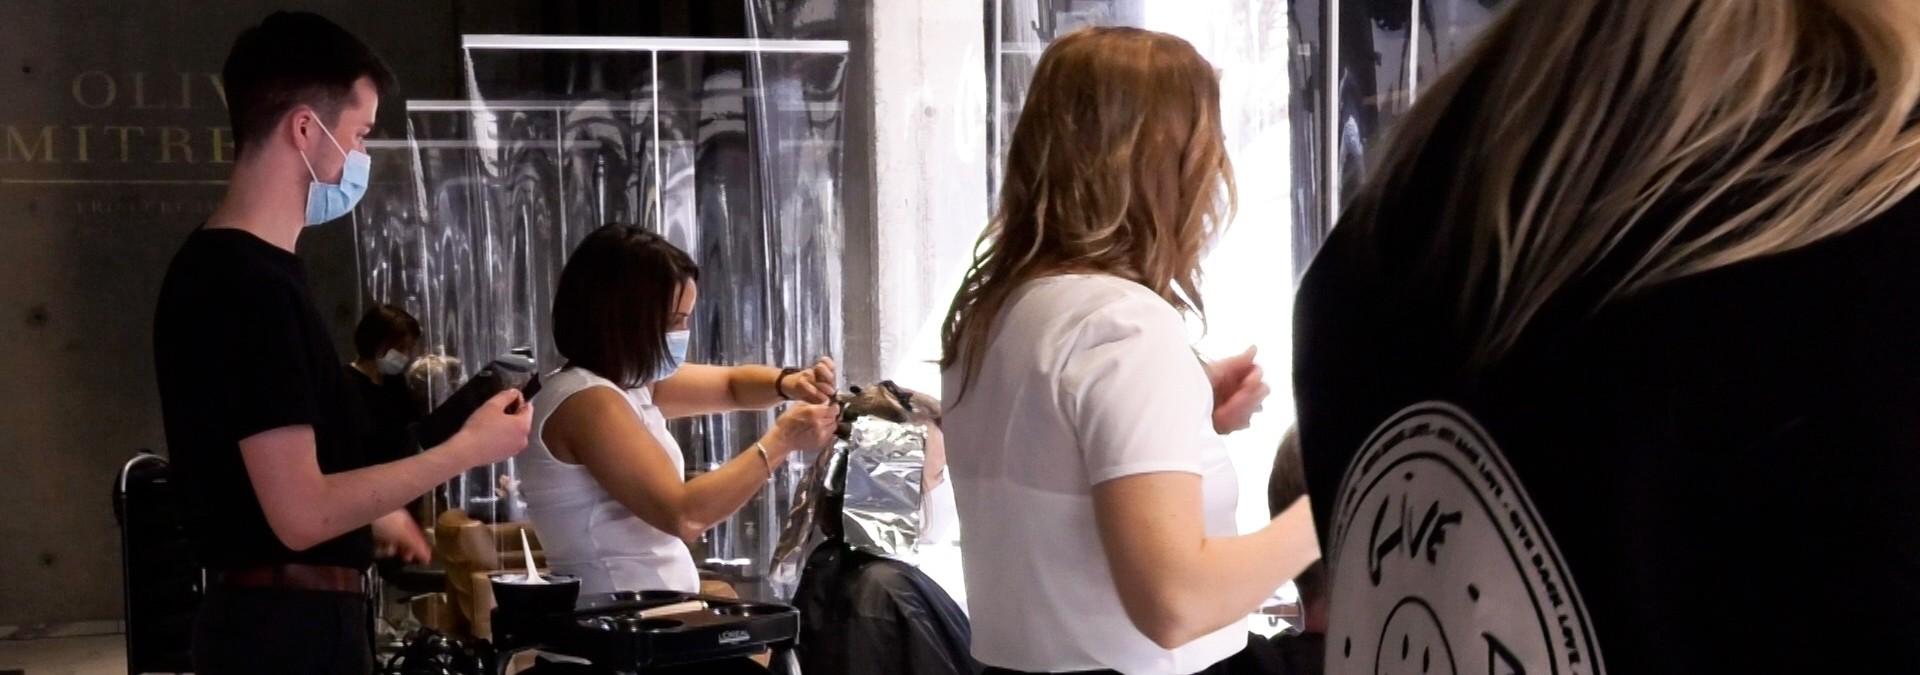 Friseursalon in Friedrichshafen: Über 800 Termine in zwei Wochen